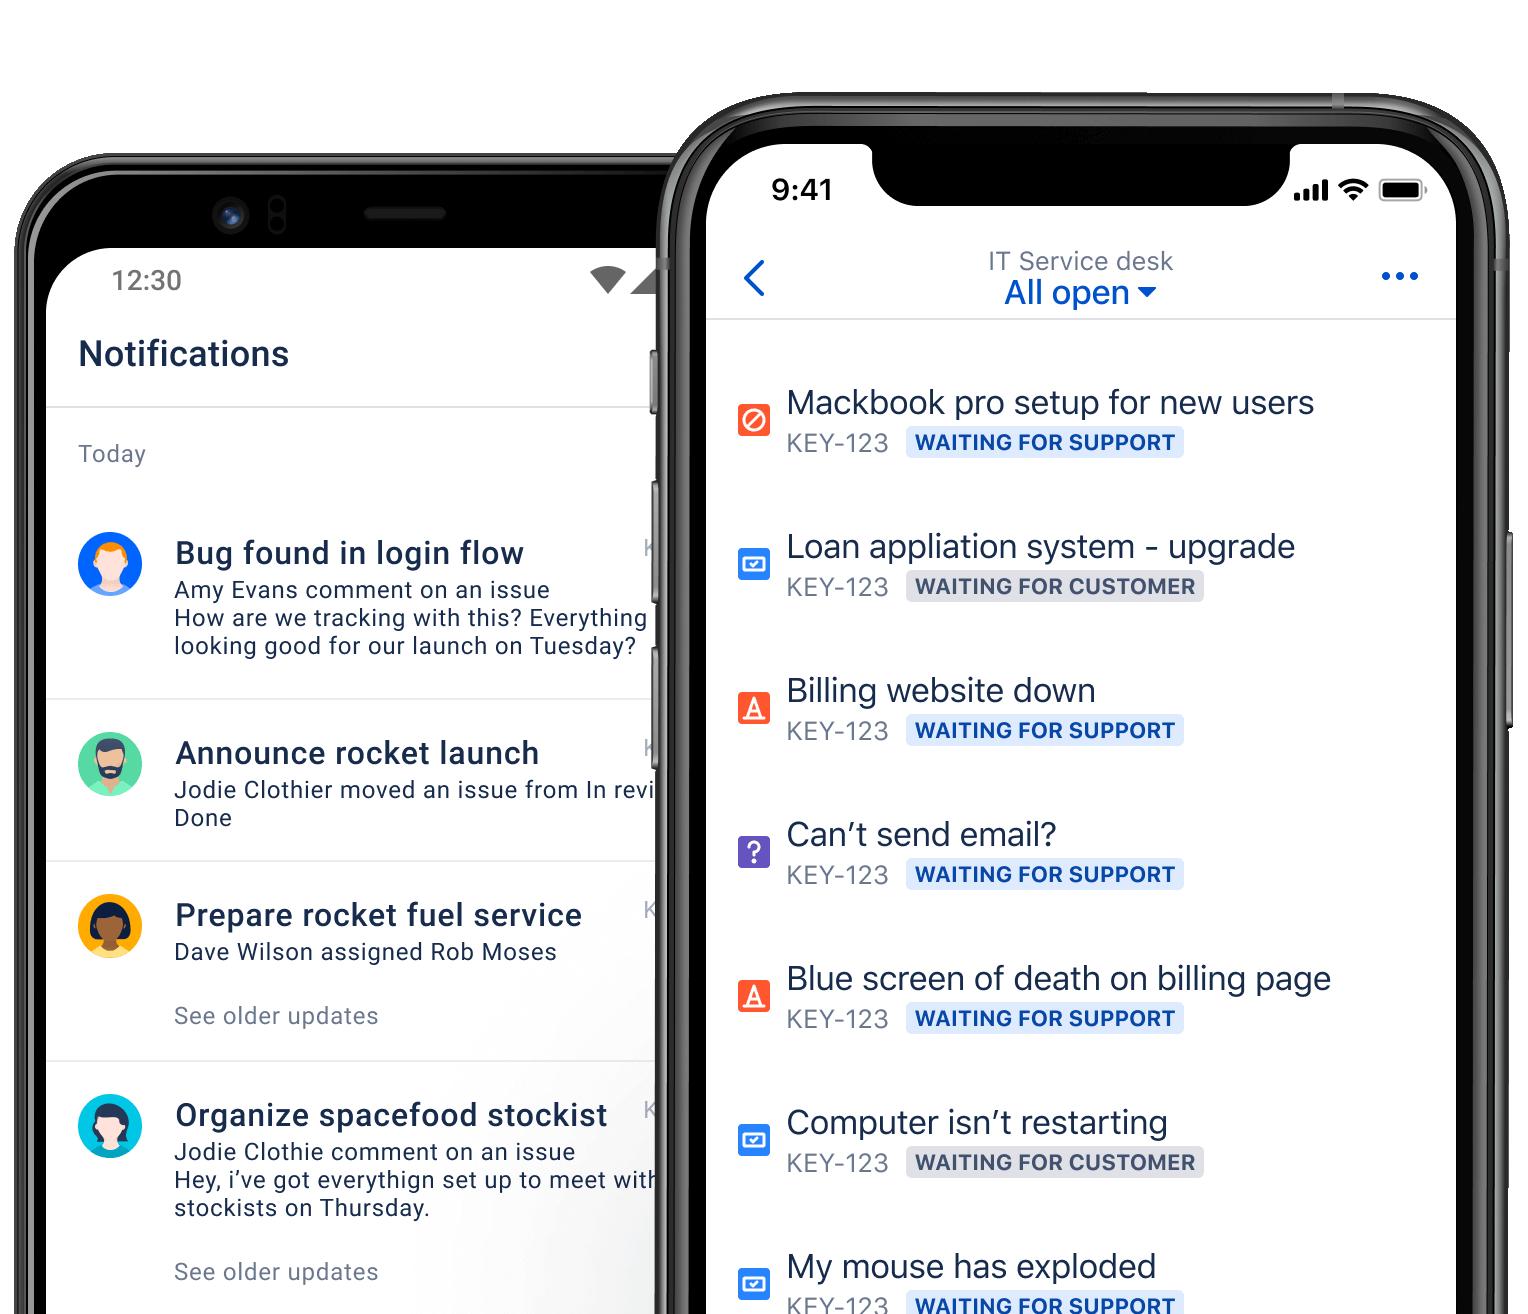 Smartfon z wyświetlonymi statusami zgłoszeń